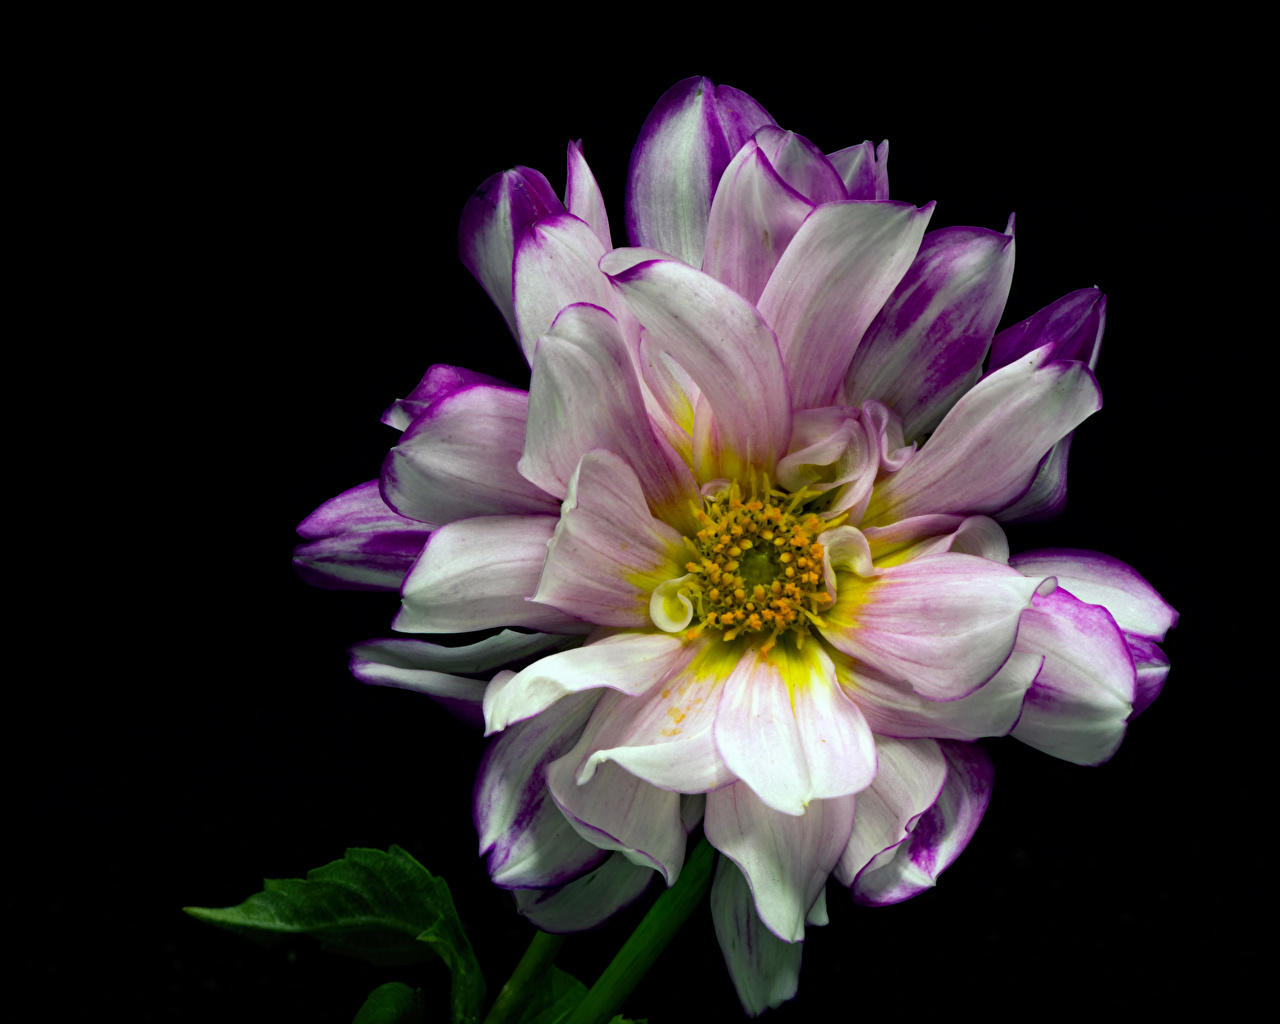 Bilder von Blumen Dahlien Nahaufnahme Schwarzer Hintergrund Blüte Georginen hautnah Großansicht